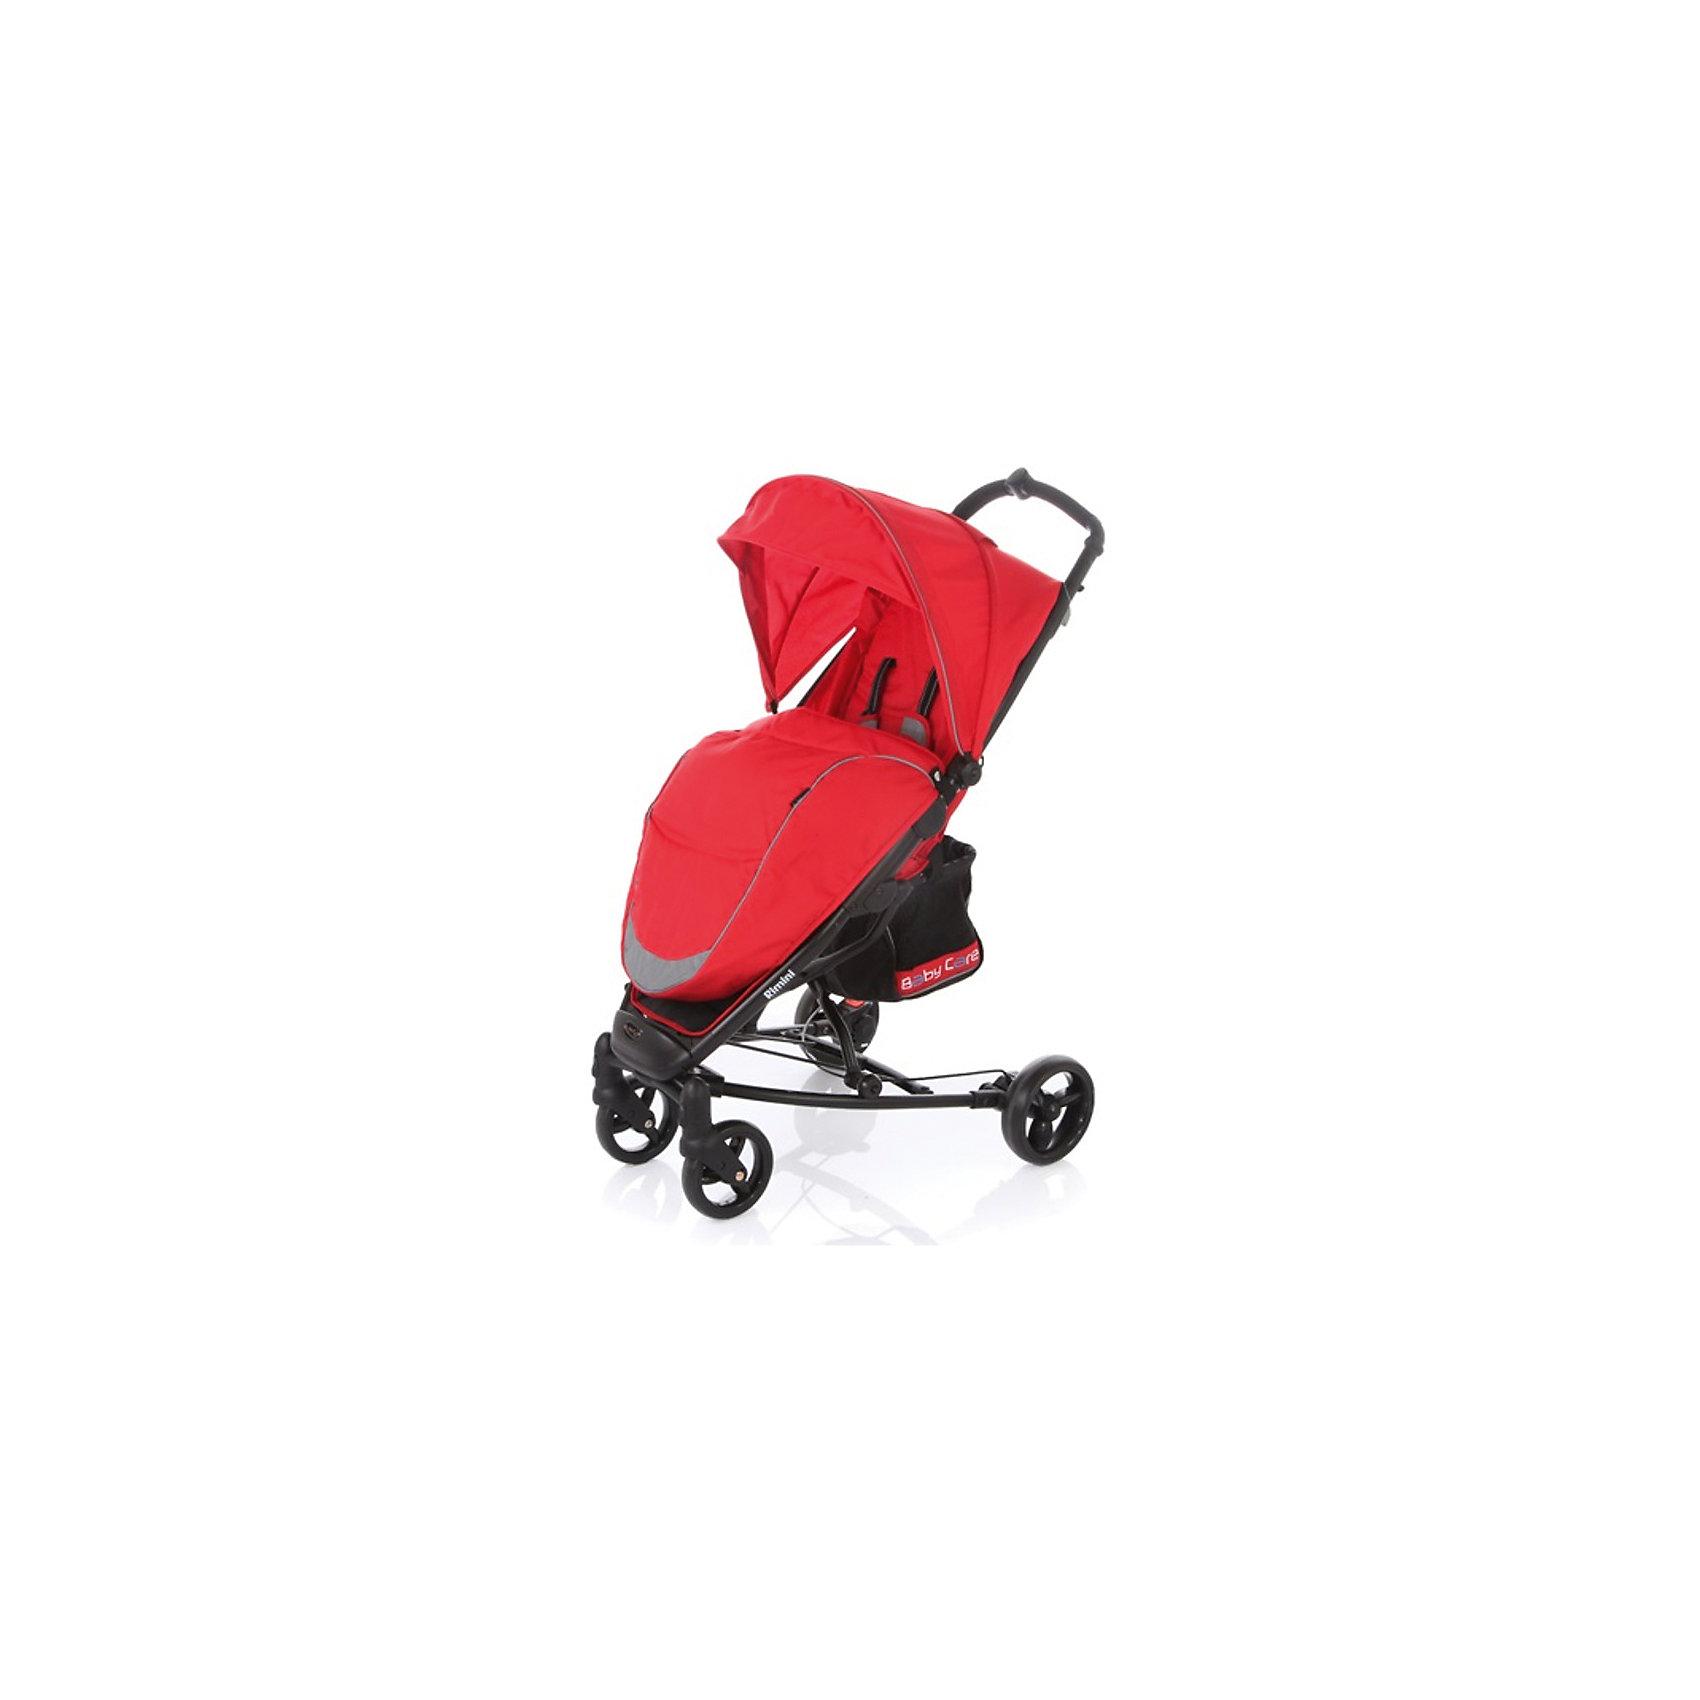 Прогулочная коляска Rimini, Baby Care, красныйBaby Care Rimini – современная городская прогулочная коляска. Сконструированая на легкой алюминиевой раме, данная модель – отличный выбор для молодой семьи. Большой капюшон со смотровым окошком снабжен дополнительным козырьком. Спинка моет раскладываться почти до горизонтального положения. Вкупе с подножкой, крепящейся с помощью перемычки к бамперу, получаем просторное спальное место.Rimini быстро и компактно складывается книжкой. Коляска не занимает много места и снабжена защитой от случайного раскладывания.Особенности:• легкая алюминиевая рама;• плавающие передние колеса с возможностью фиксации;• ножной барабанный тормоз на тросике;• регулируемая подножка;• 5-ти точеные ремни безопасности;• съемный бампер с мягкой обивкой;• коляска складывается в «книжку» одной рукой.Комплектация:• Чехол на ноги<br>Характеристики:• диаметр колес: передние – 15 см, задние — 17 см;• тип колес: одинарные;• механизм складывания: книжка;• ширина колесной базы: 59 см;• вес: 8,4 кг;• размер спального места: 73х30 см;• размер корзины: 20х20х25 см;• размеры: в разложенном виде: 51х82х102 см• в сложенном виде: 32х75х44 см.<br><br>Ширина мм: 760<br>Глубина мм: 230<br>Высота мм: 350<br>Вес г: 9400<br>Возраст от месяцев: 6<br>Возраст до месяцев: 48<br>Пол: Унисекс<br>Возраст: Детский<br>SKU: 5513641